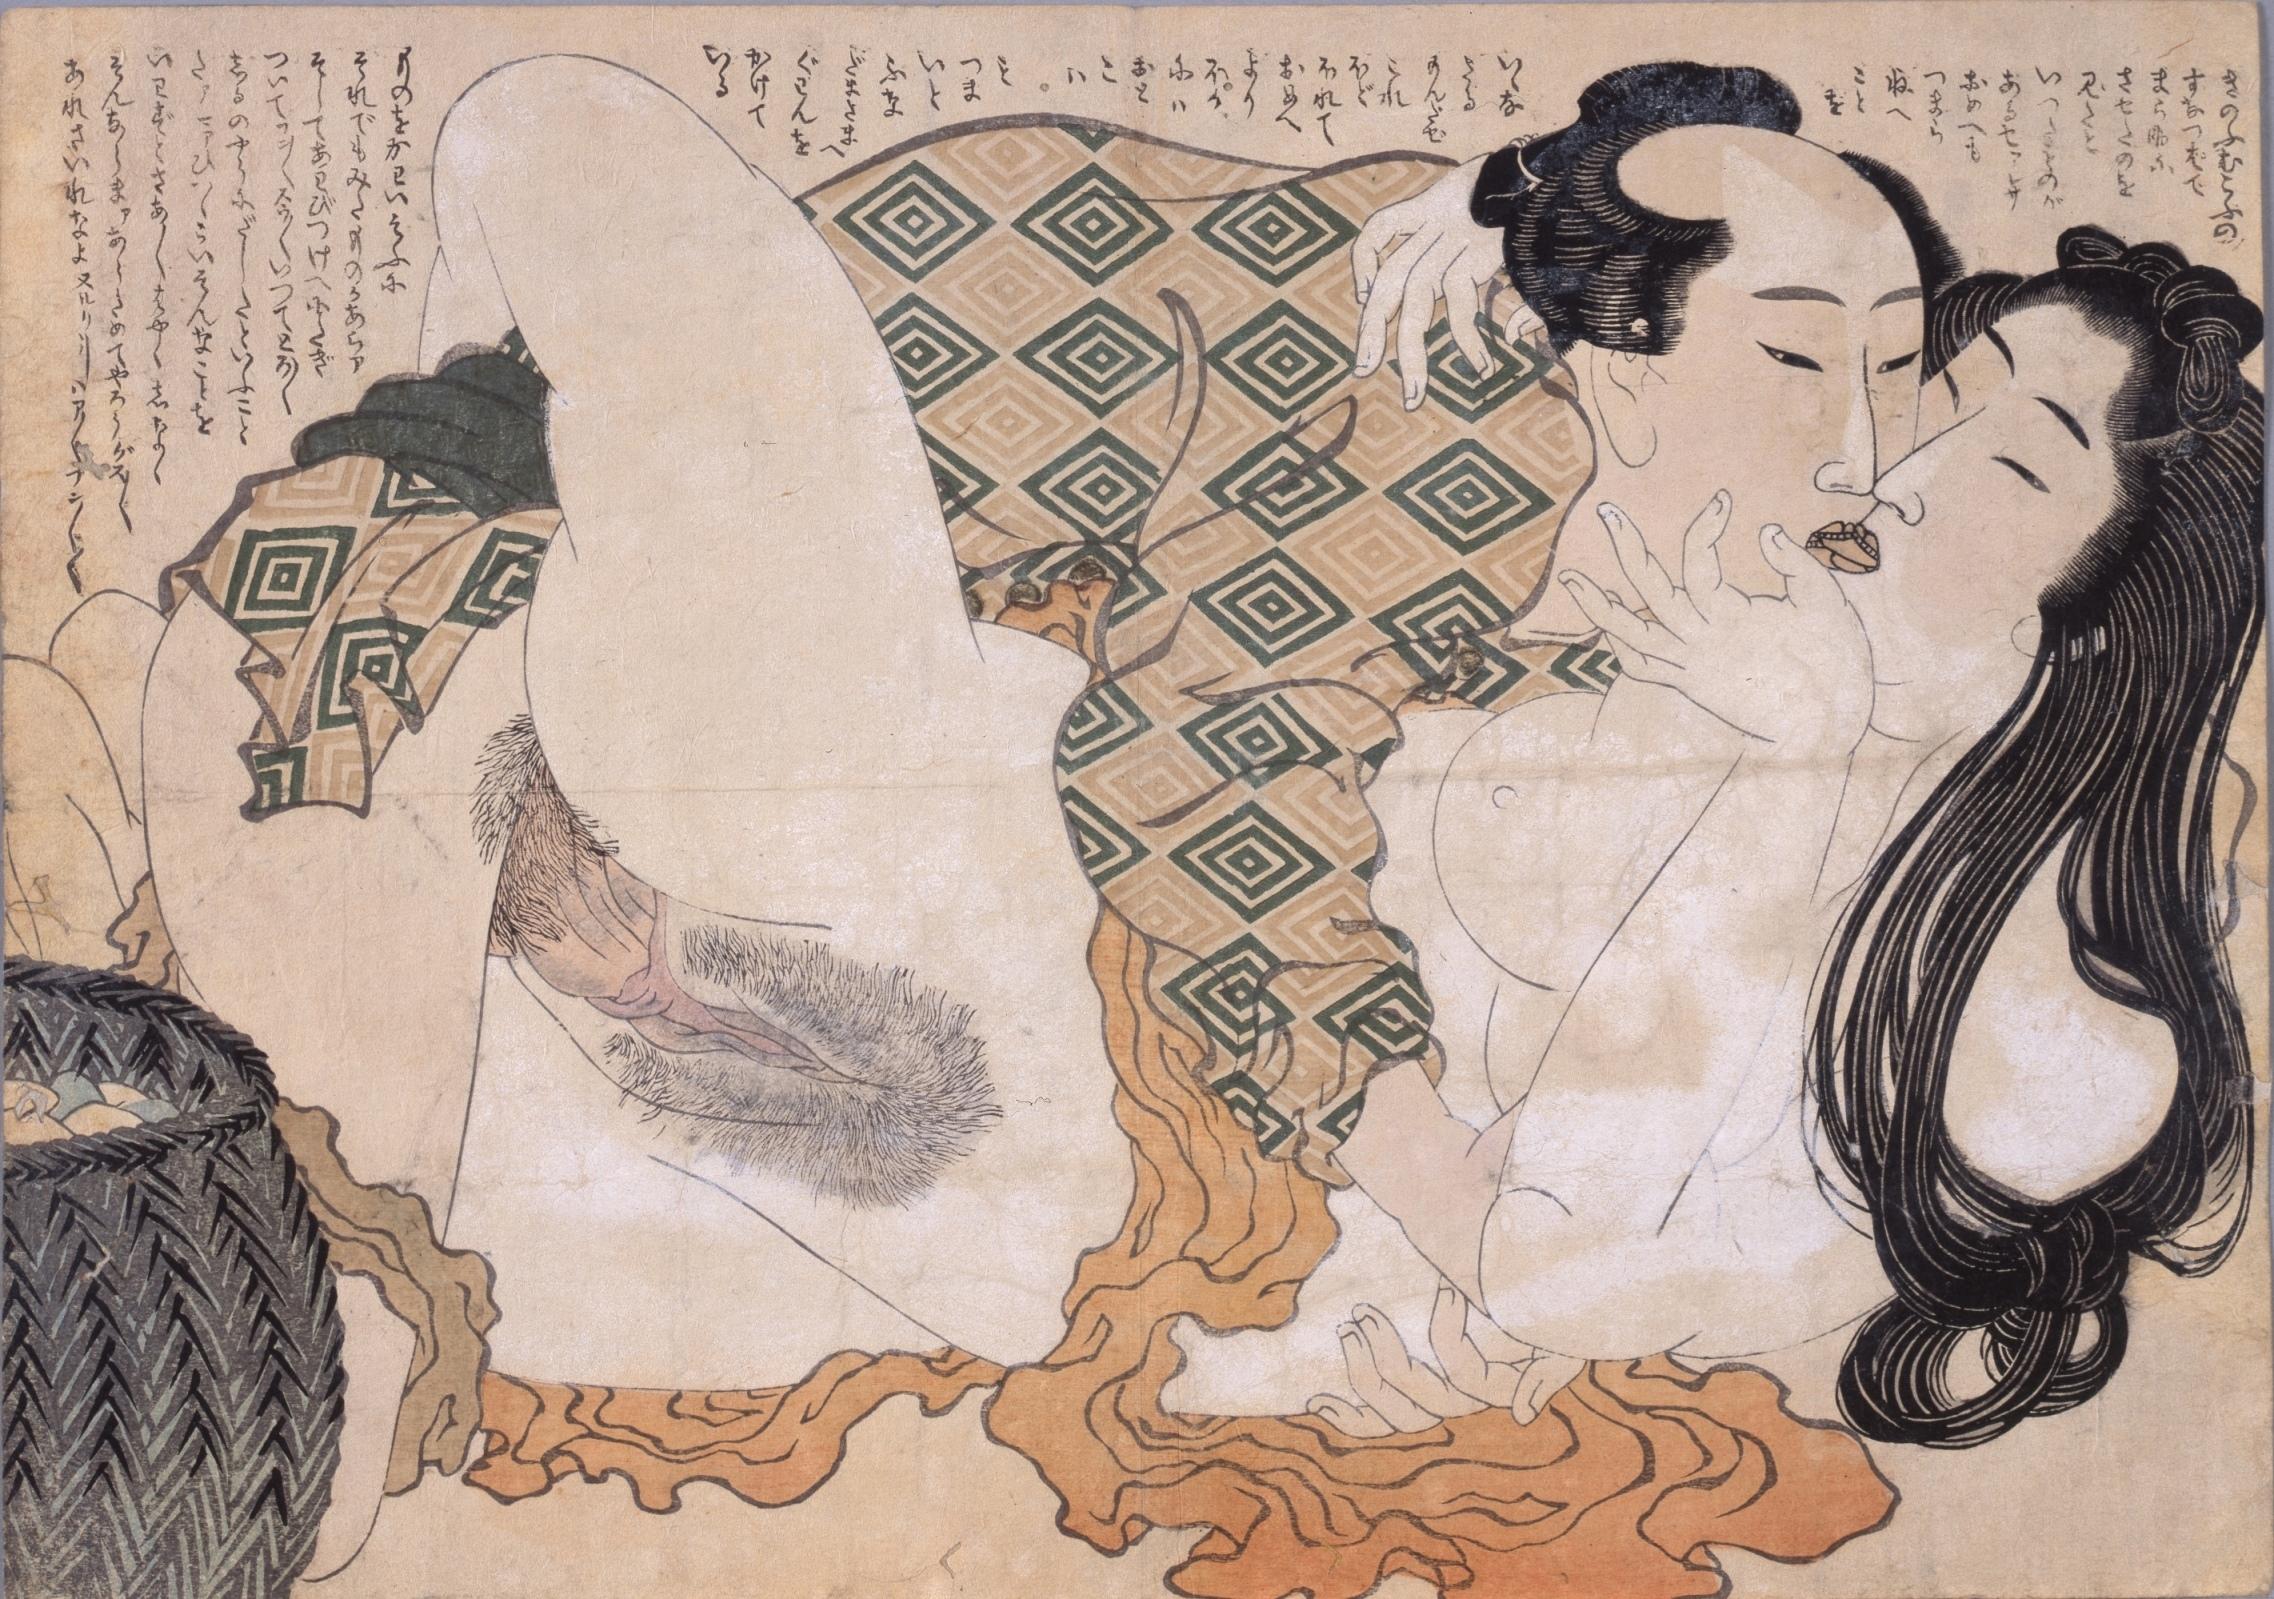 Shunga Katsushika Hokusai